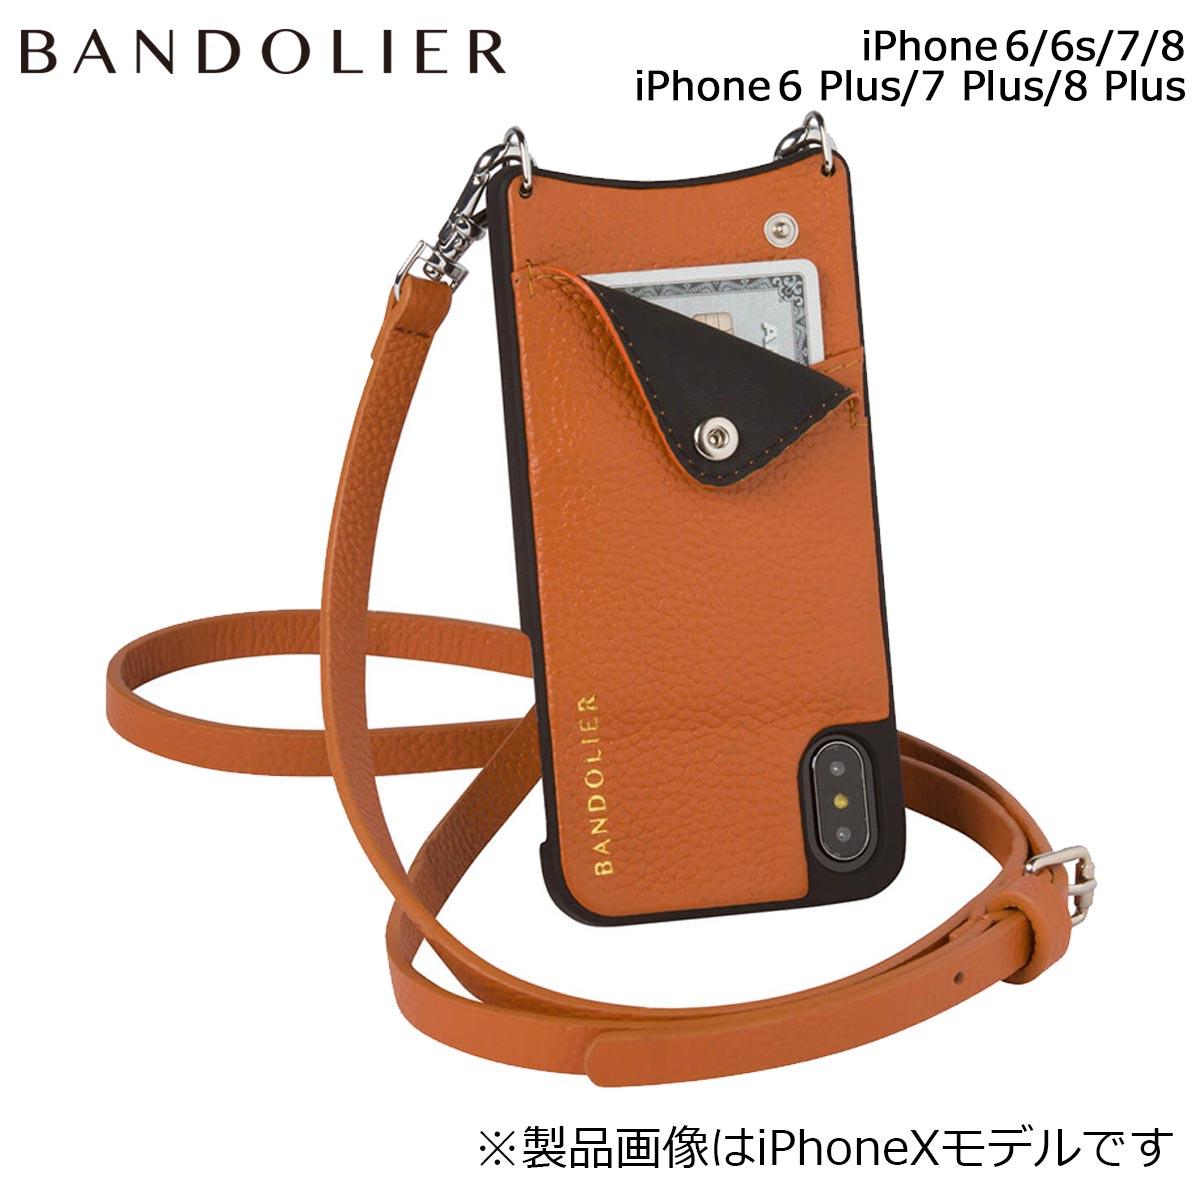 BANDOLIER バンドリヤー iPhone8 iPhone7 7Plus 6s ケース スマホ アイフォン プラス EMMA COGNAC メンズ レディース ブラウン [9/14 追加入荷]